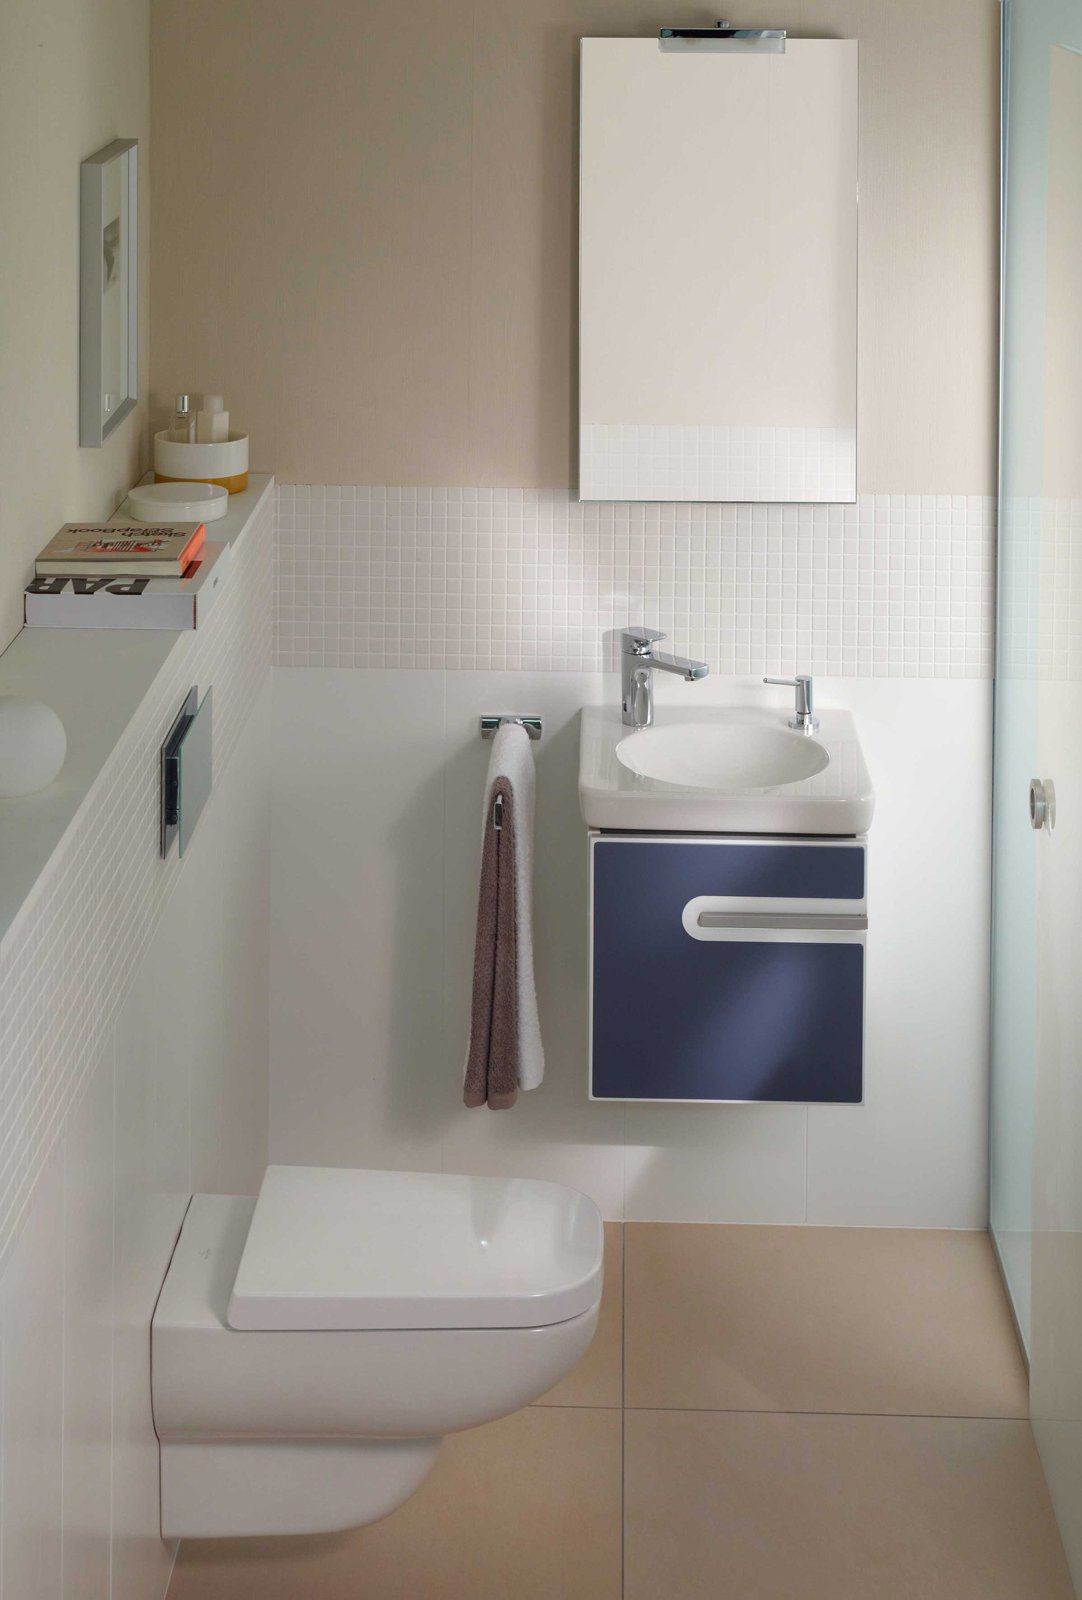 Bagno piccolo arredo componibile e salvaspazio cose di casa for Piccoli mobili design